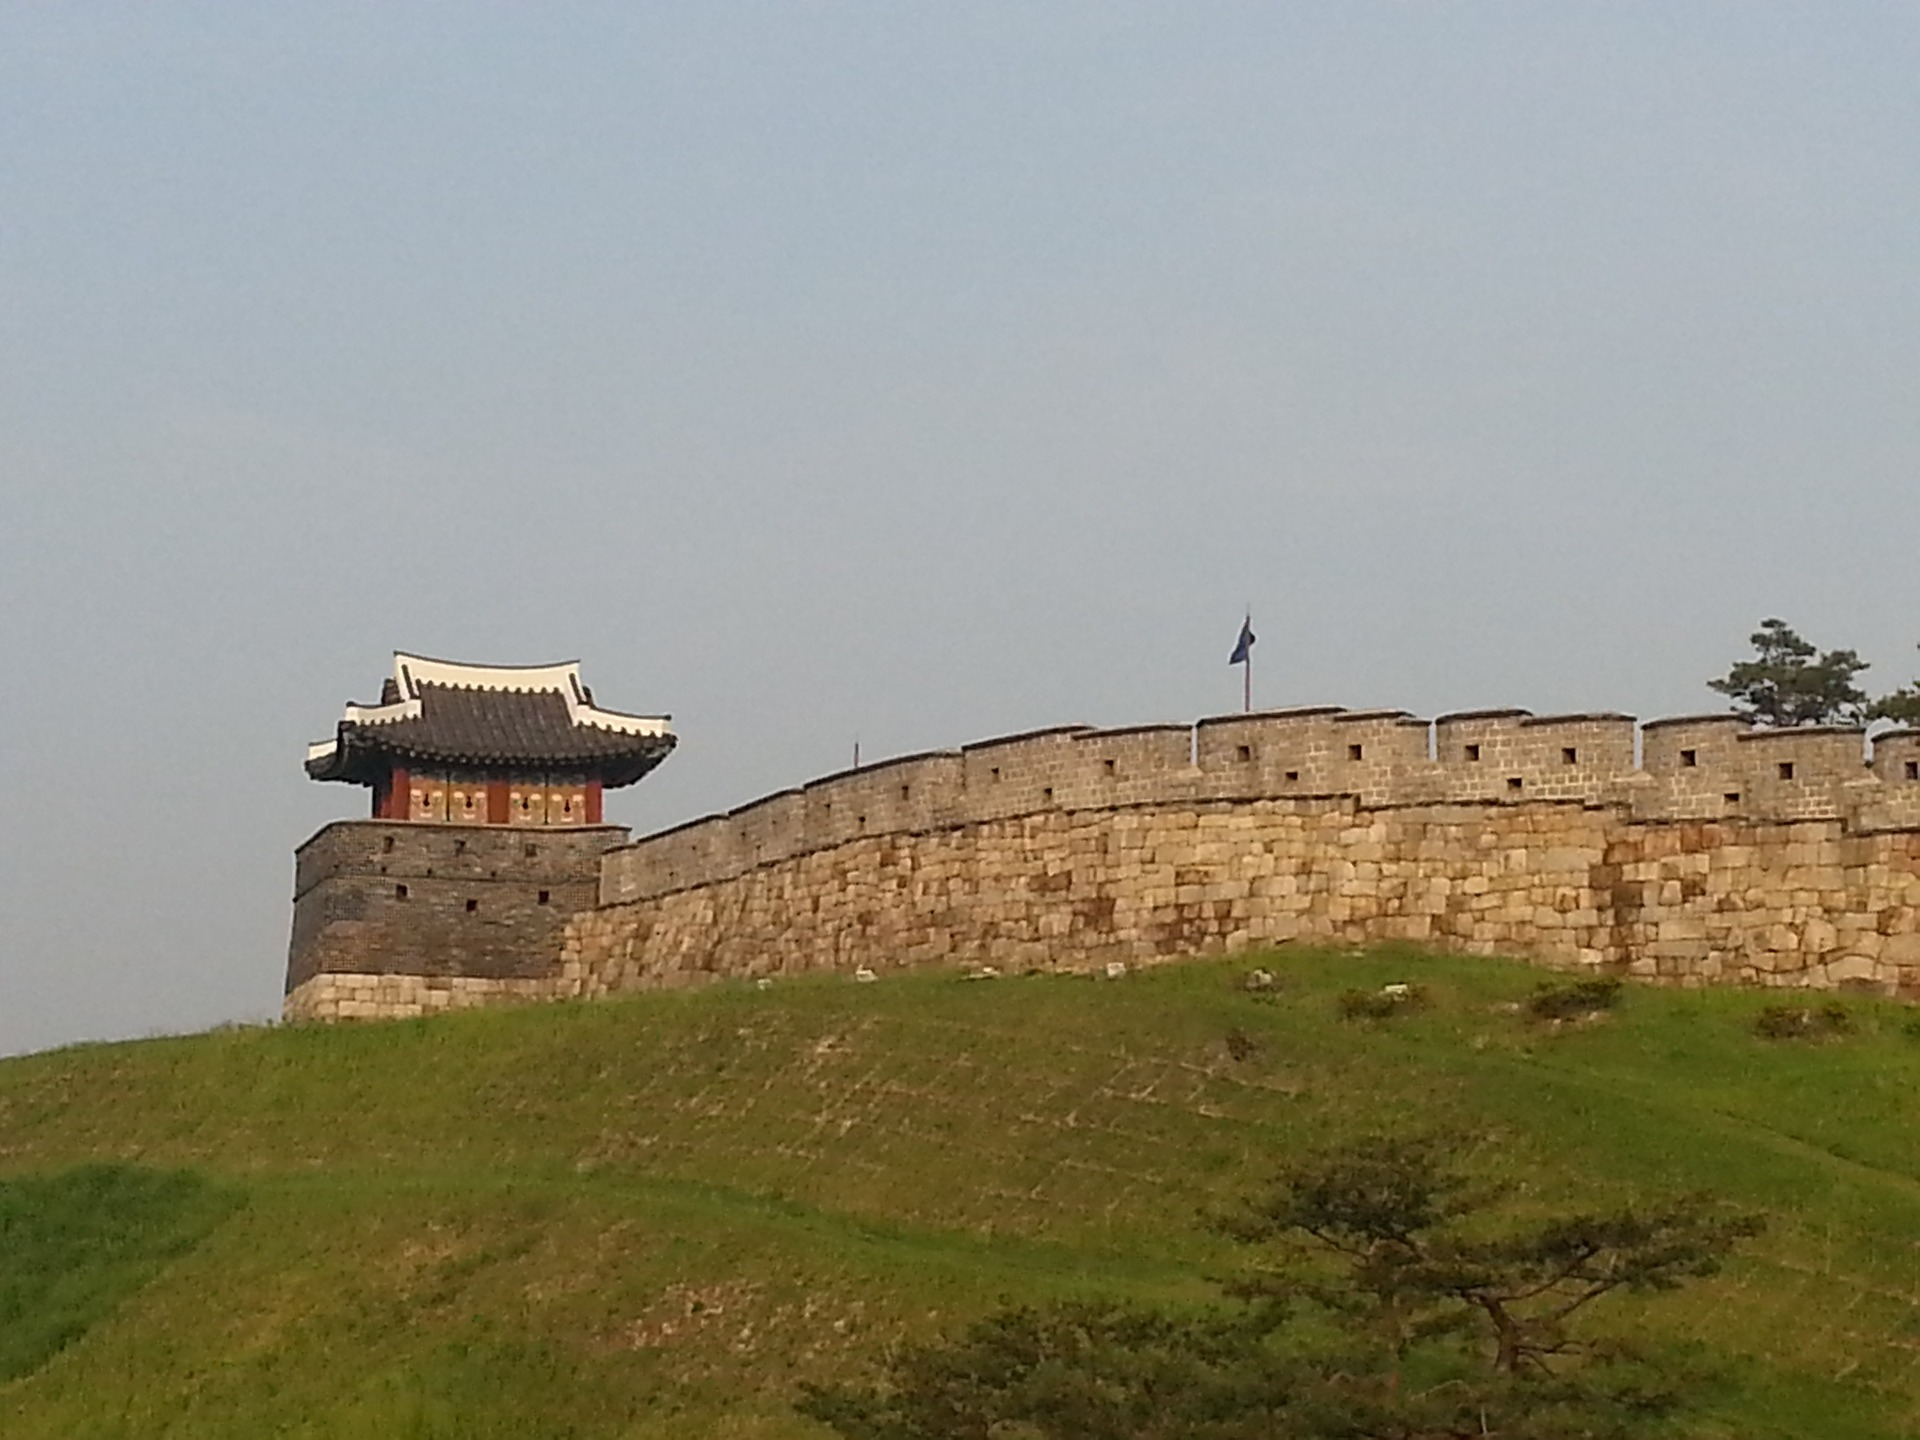 suwon-hwaseong-walls.jpg